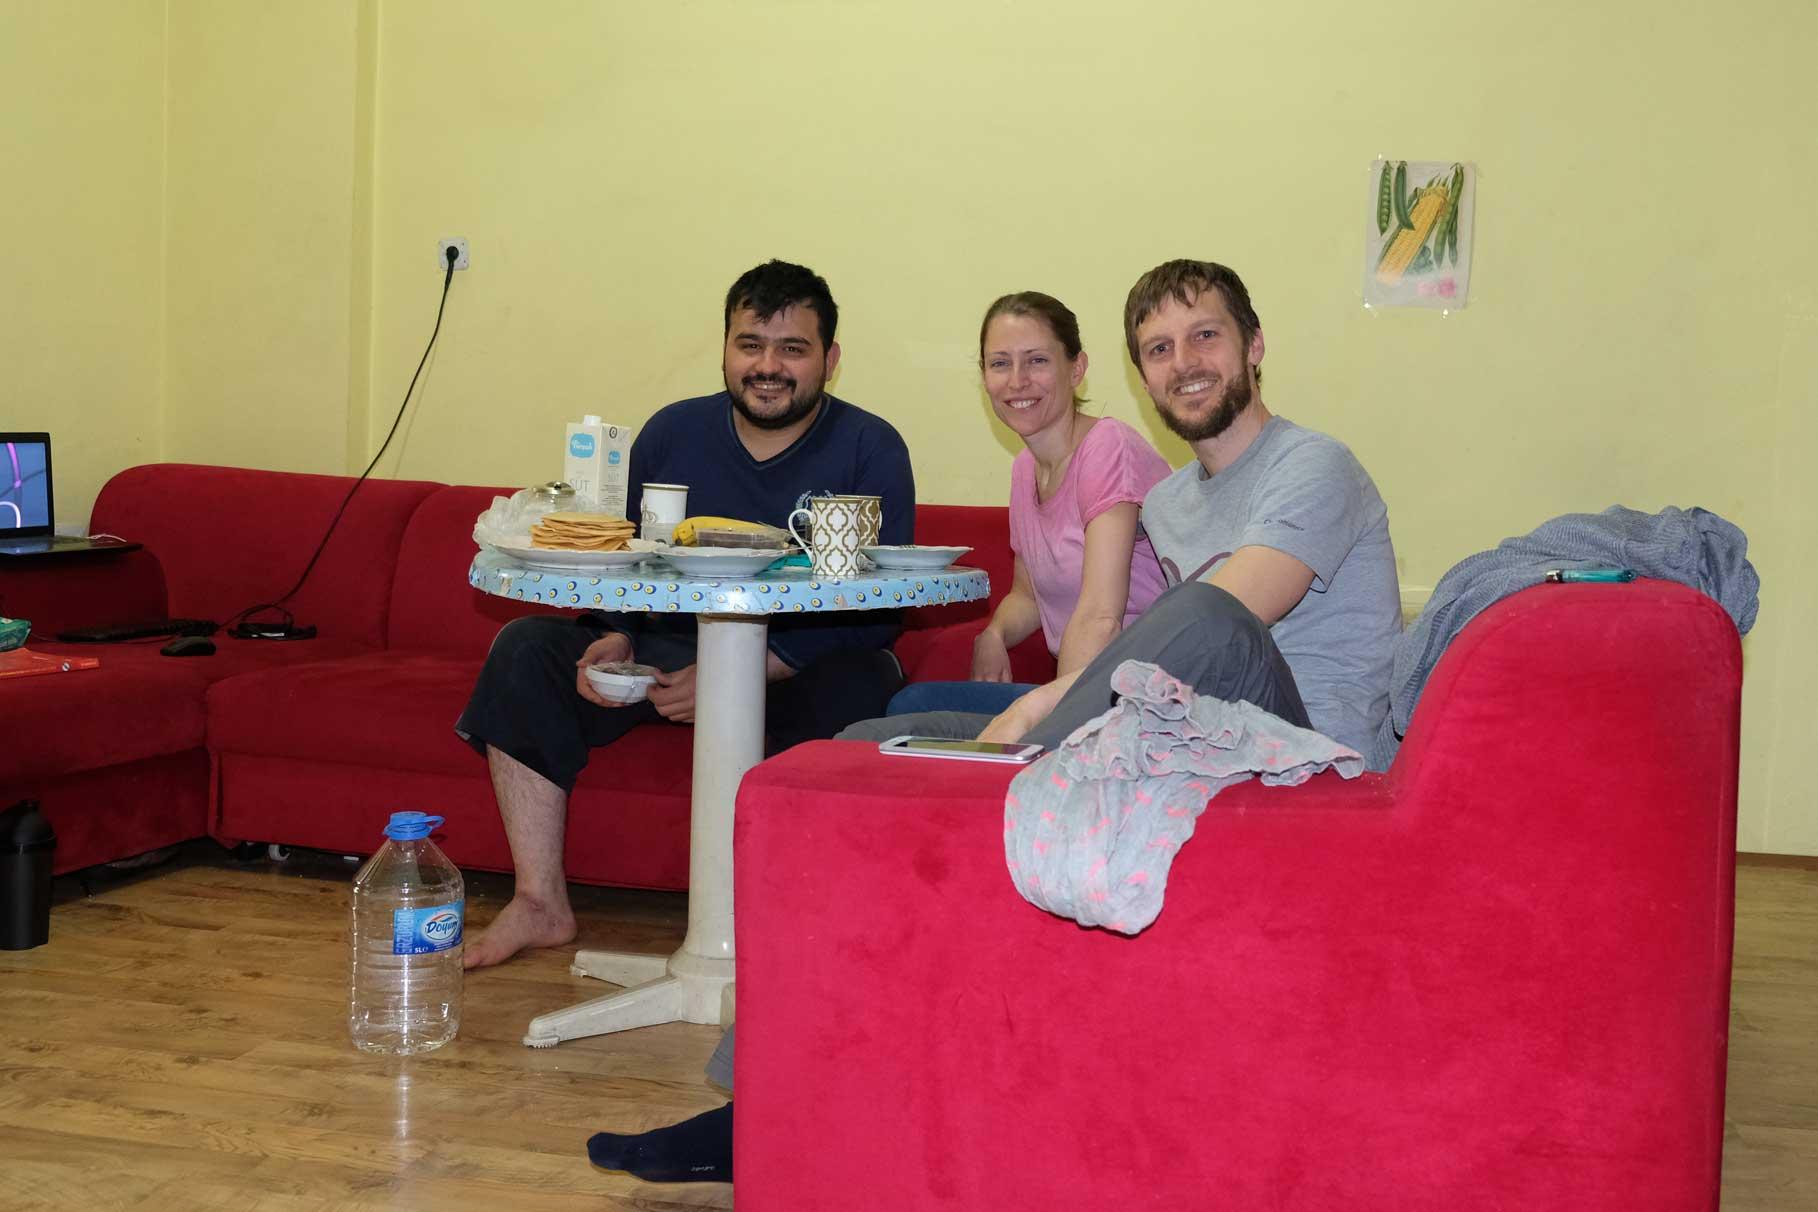 Leo und Sebastian frühstücken mit Refik in seiner Wohnung